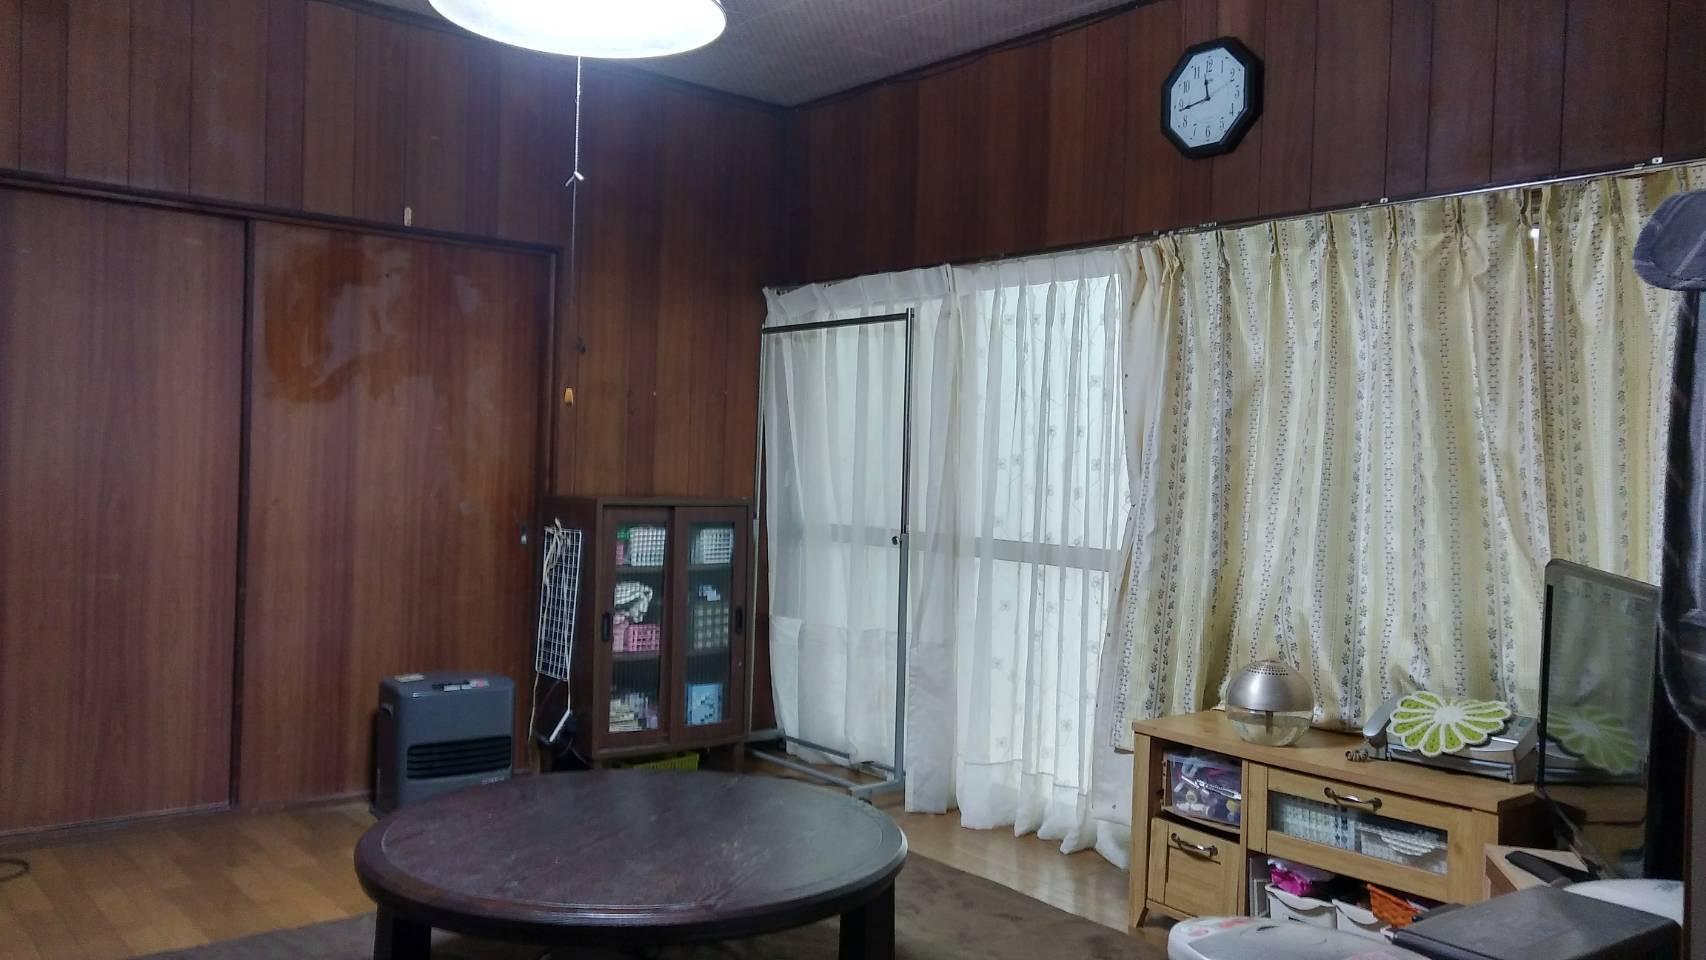 IMG 0609 - 【木津川市加茂町】中古戸建。敷地面積600坪以上。